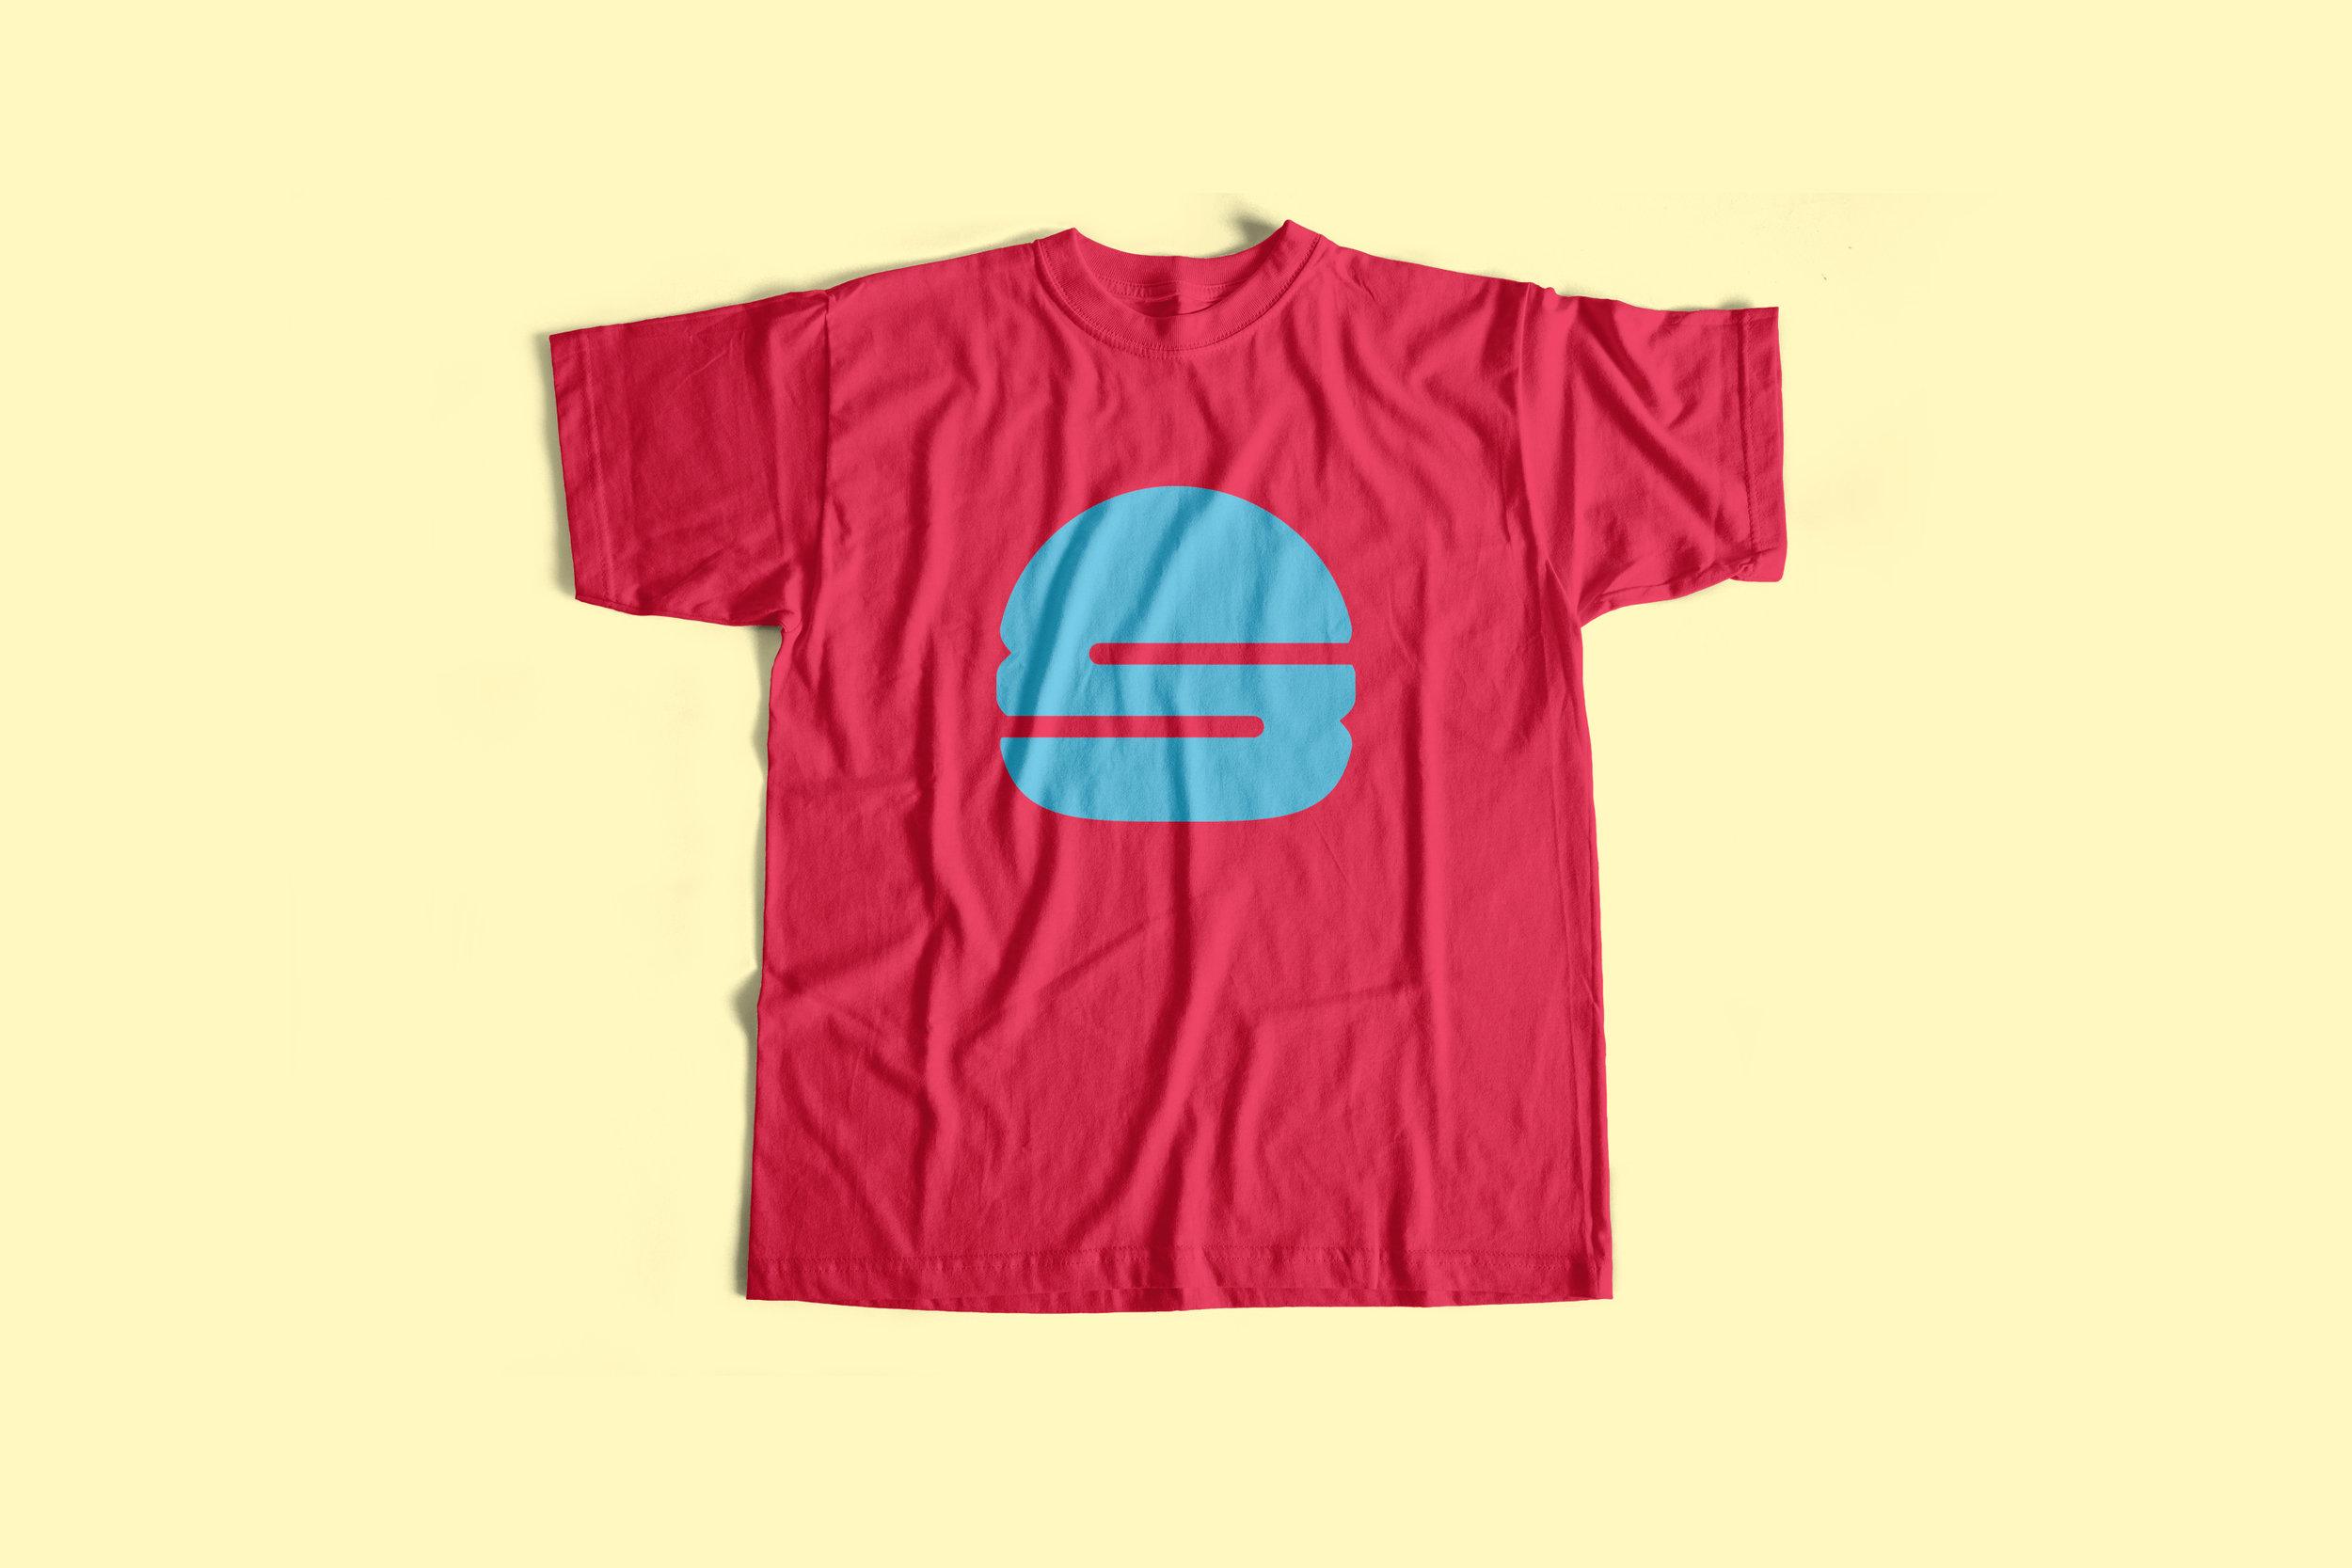 Samburger_TeeShirt.jpg